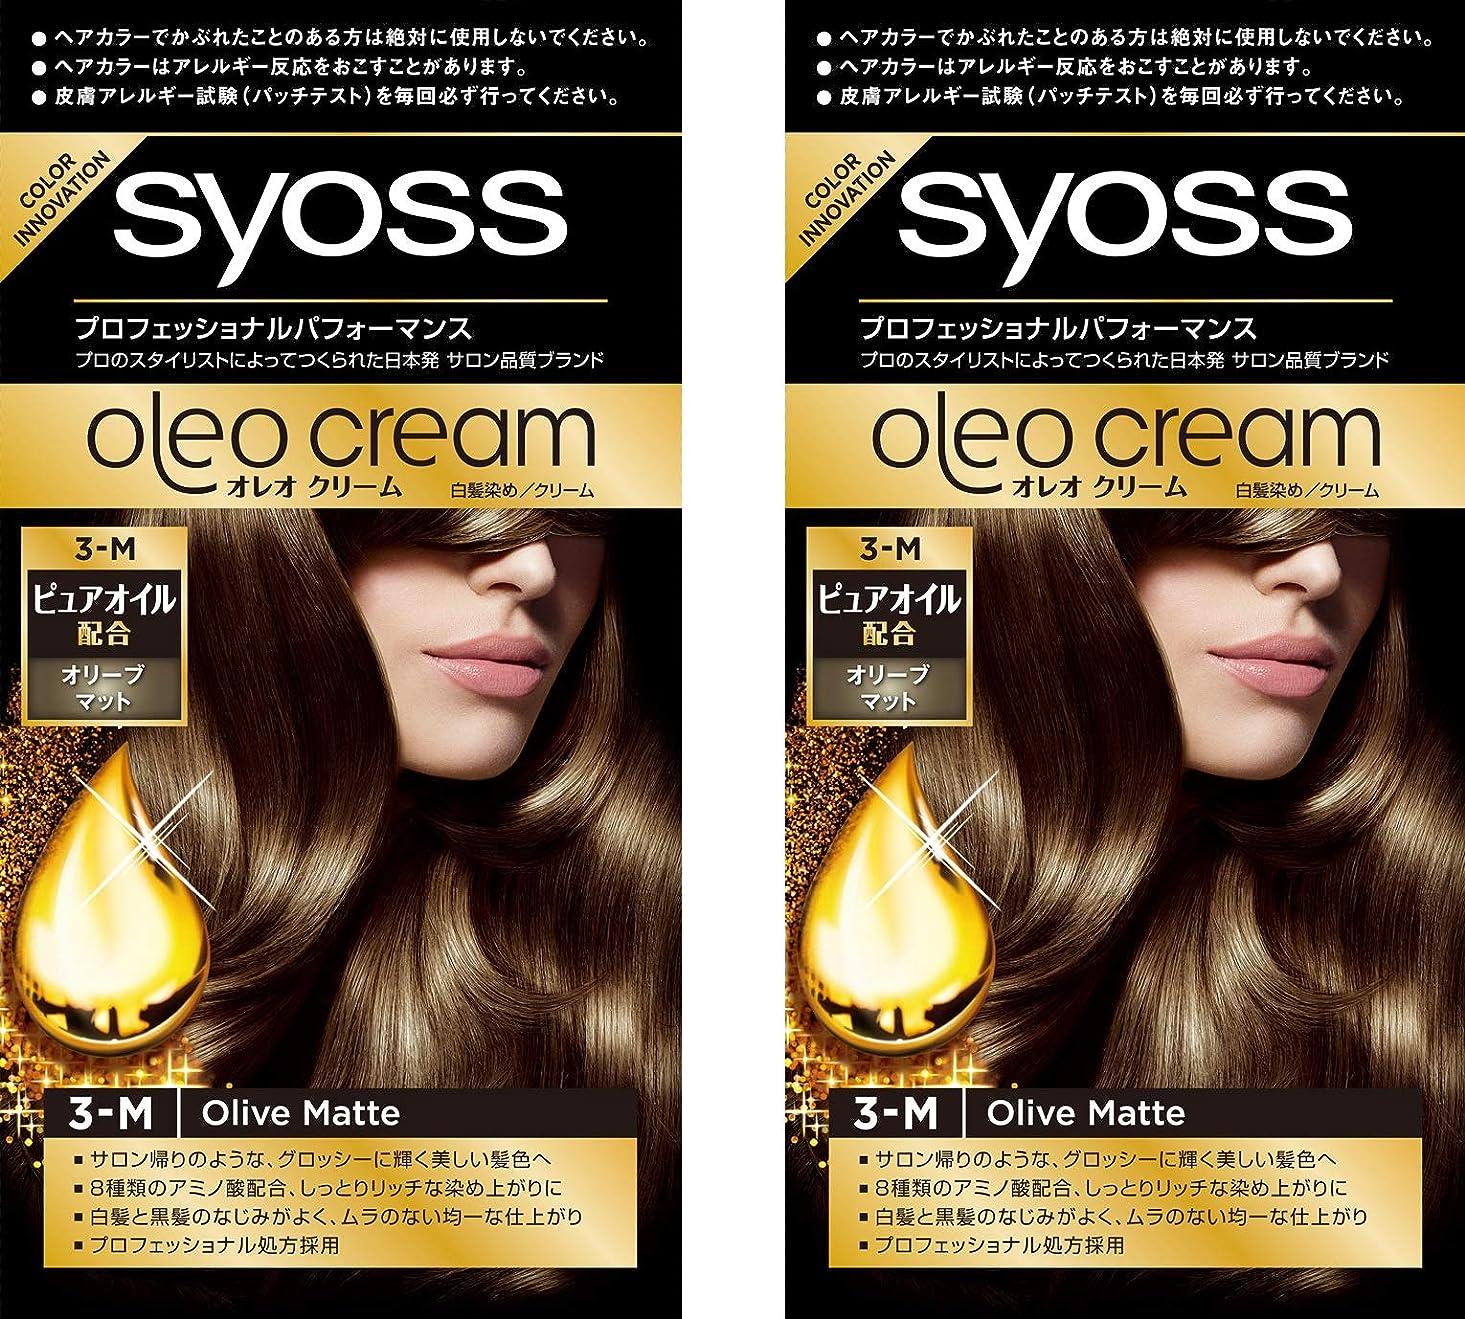 影響する思慮深い続ける【Amazon.co.jp限定】 サイオス オレオクリーム 白髪染め 3M オリーブマット 2個おまけ付き [医薬部外品] セット (50g+50g)×2+おまけ付き